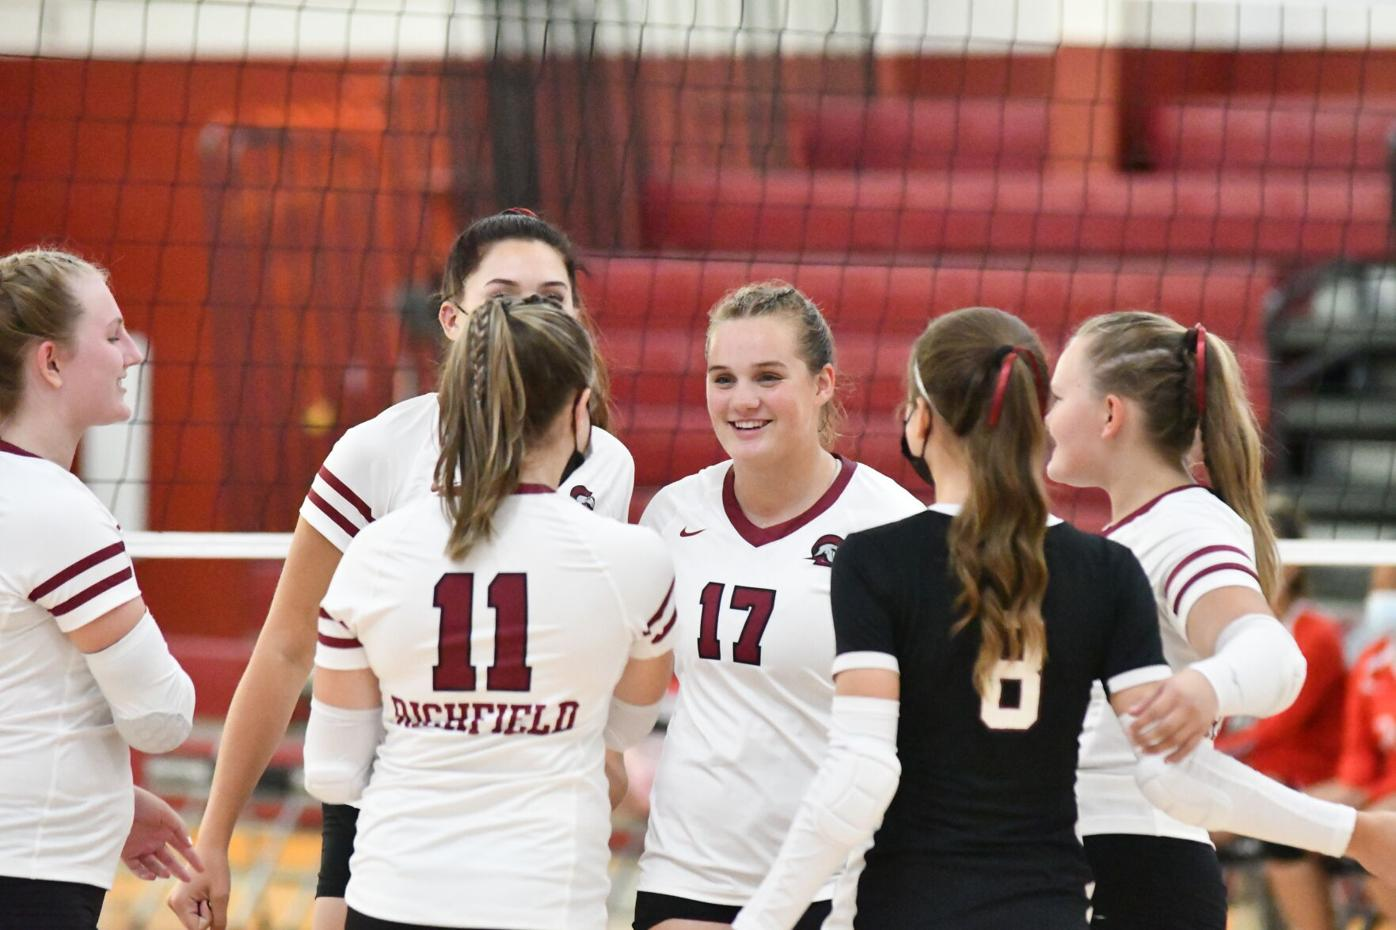 Richfield volleyball